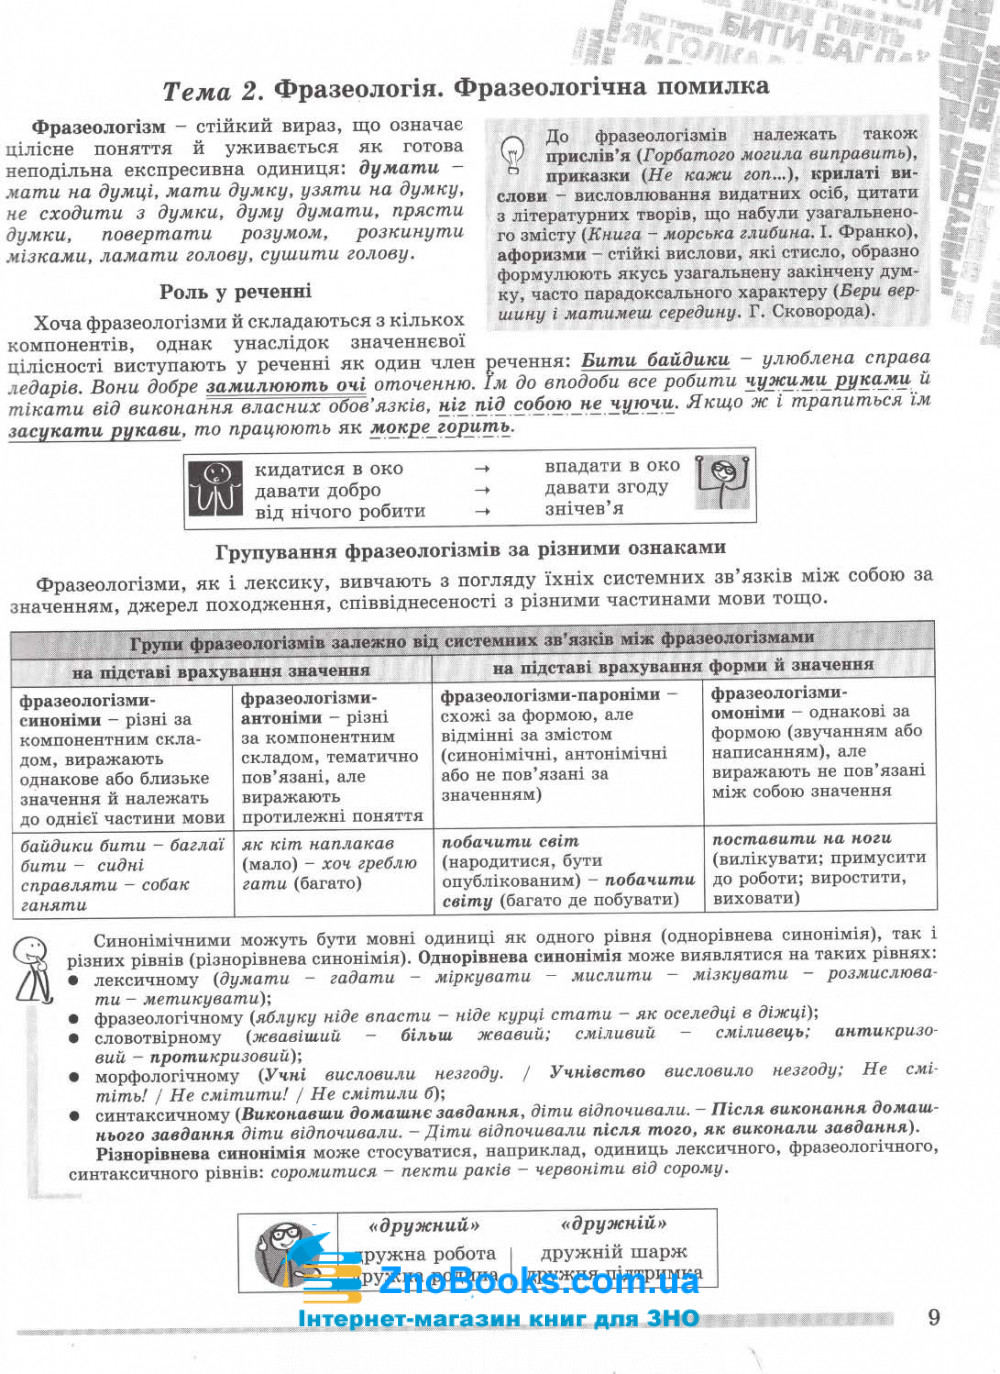 Українська мова ЗНО 2022. Комплексна підготовка : Терещенко В. та ін. Генеза. купити 8